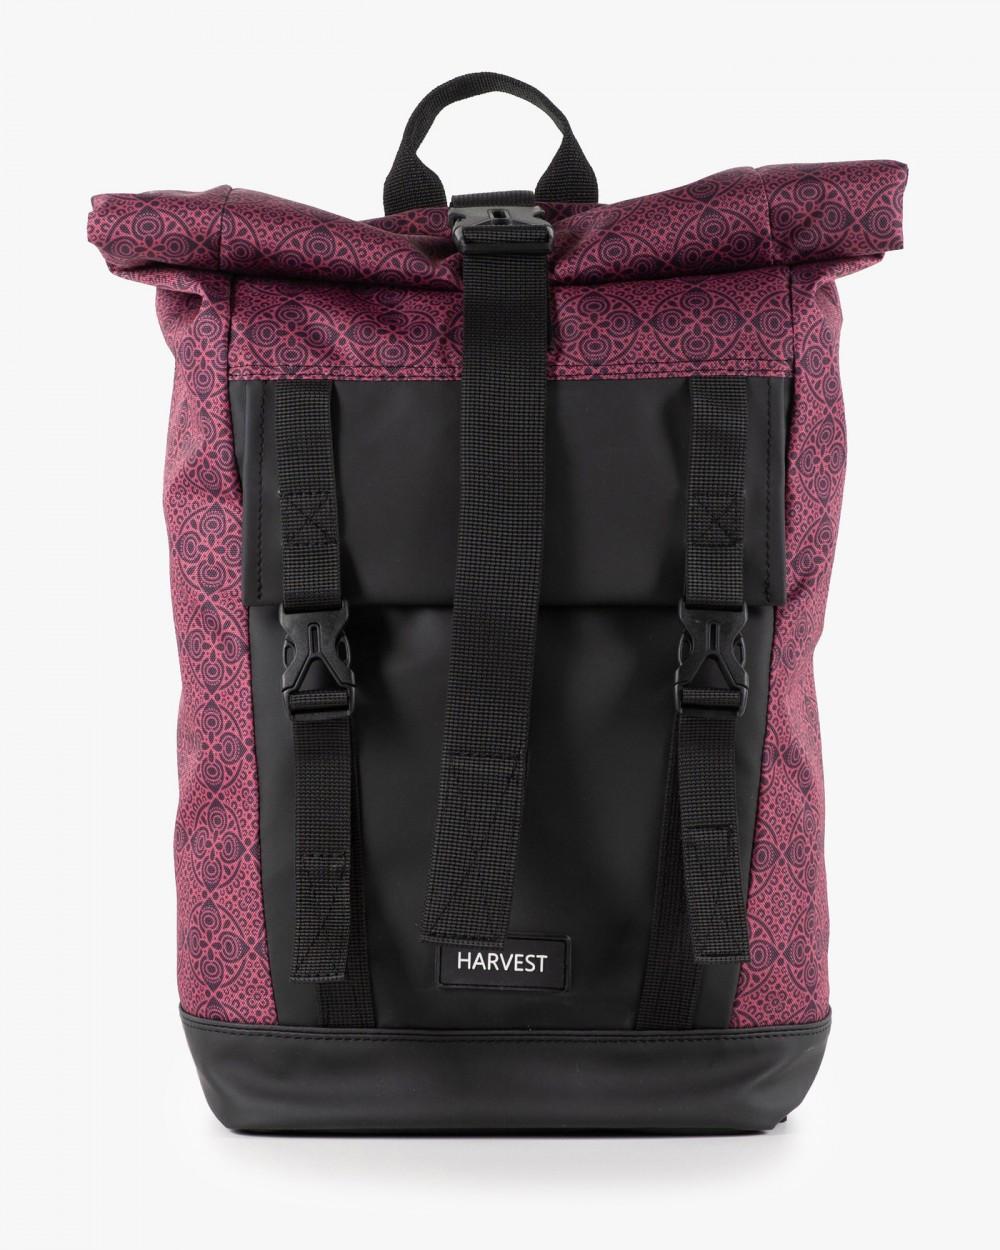 """Рюкзак """"AVIAROLLTOP"""" принт орнамент, бордо, на 17л, сумка для ноутбука, унисекс, повседневный, спортивный"""